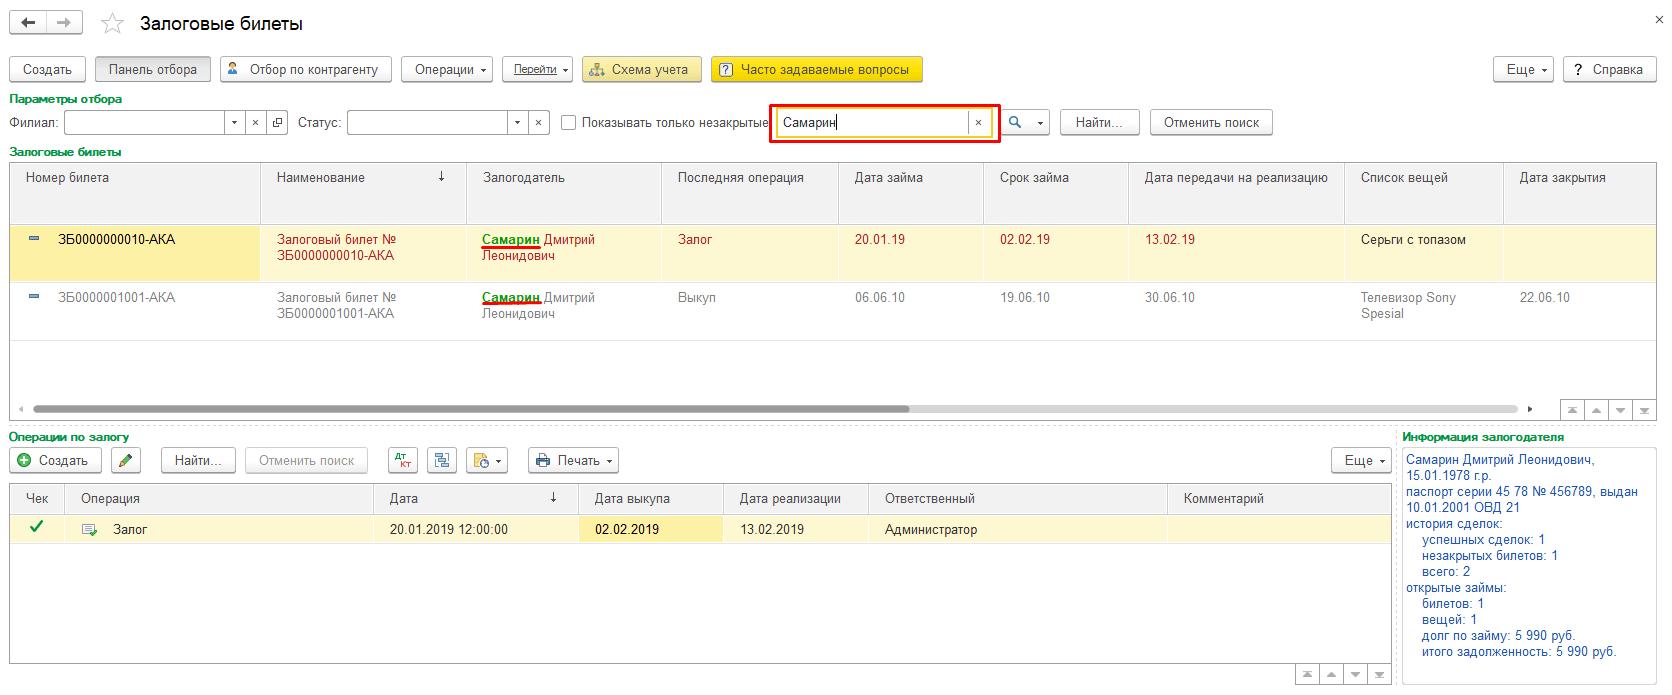 Пример отбора залоговых билетов по фамилии залогодателя